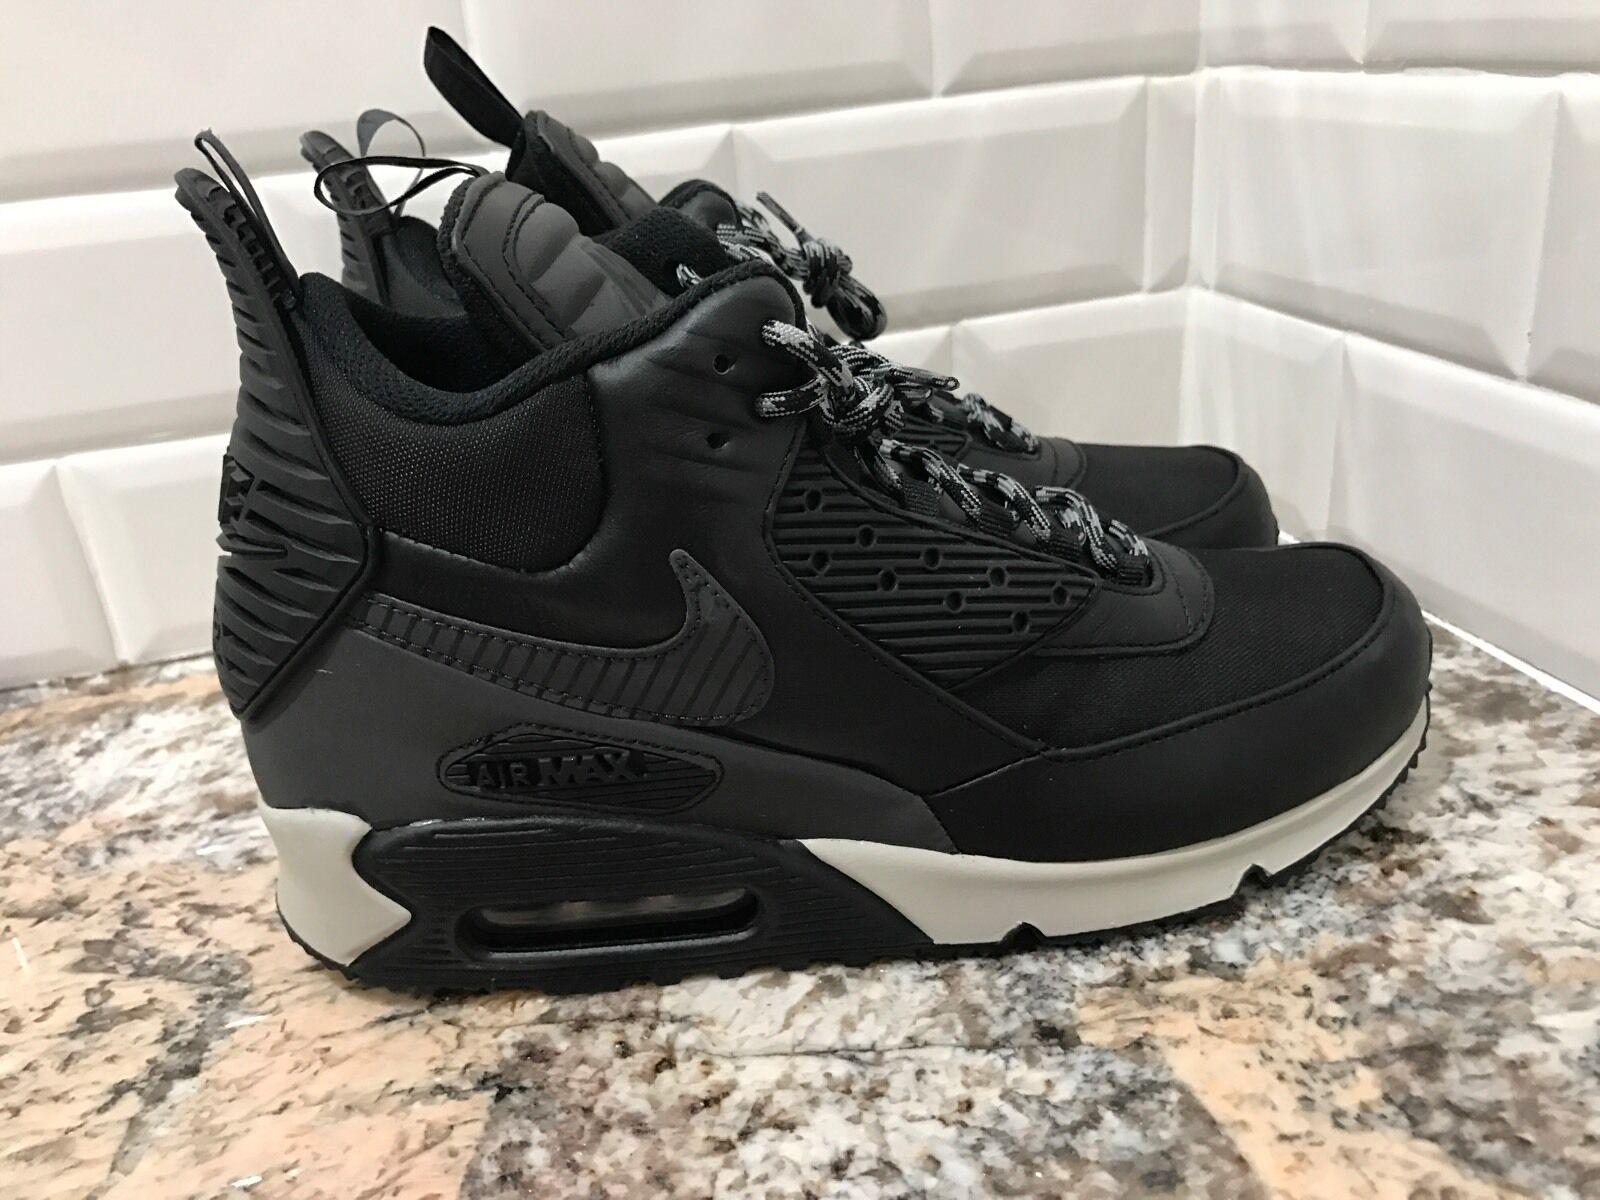 Nike haichi ltr nero / antracite nero / antracite / 11 472690-010 nuove dimensioni 7b98a0